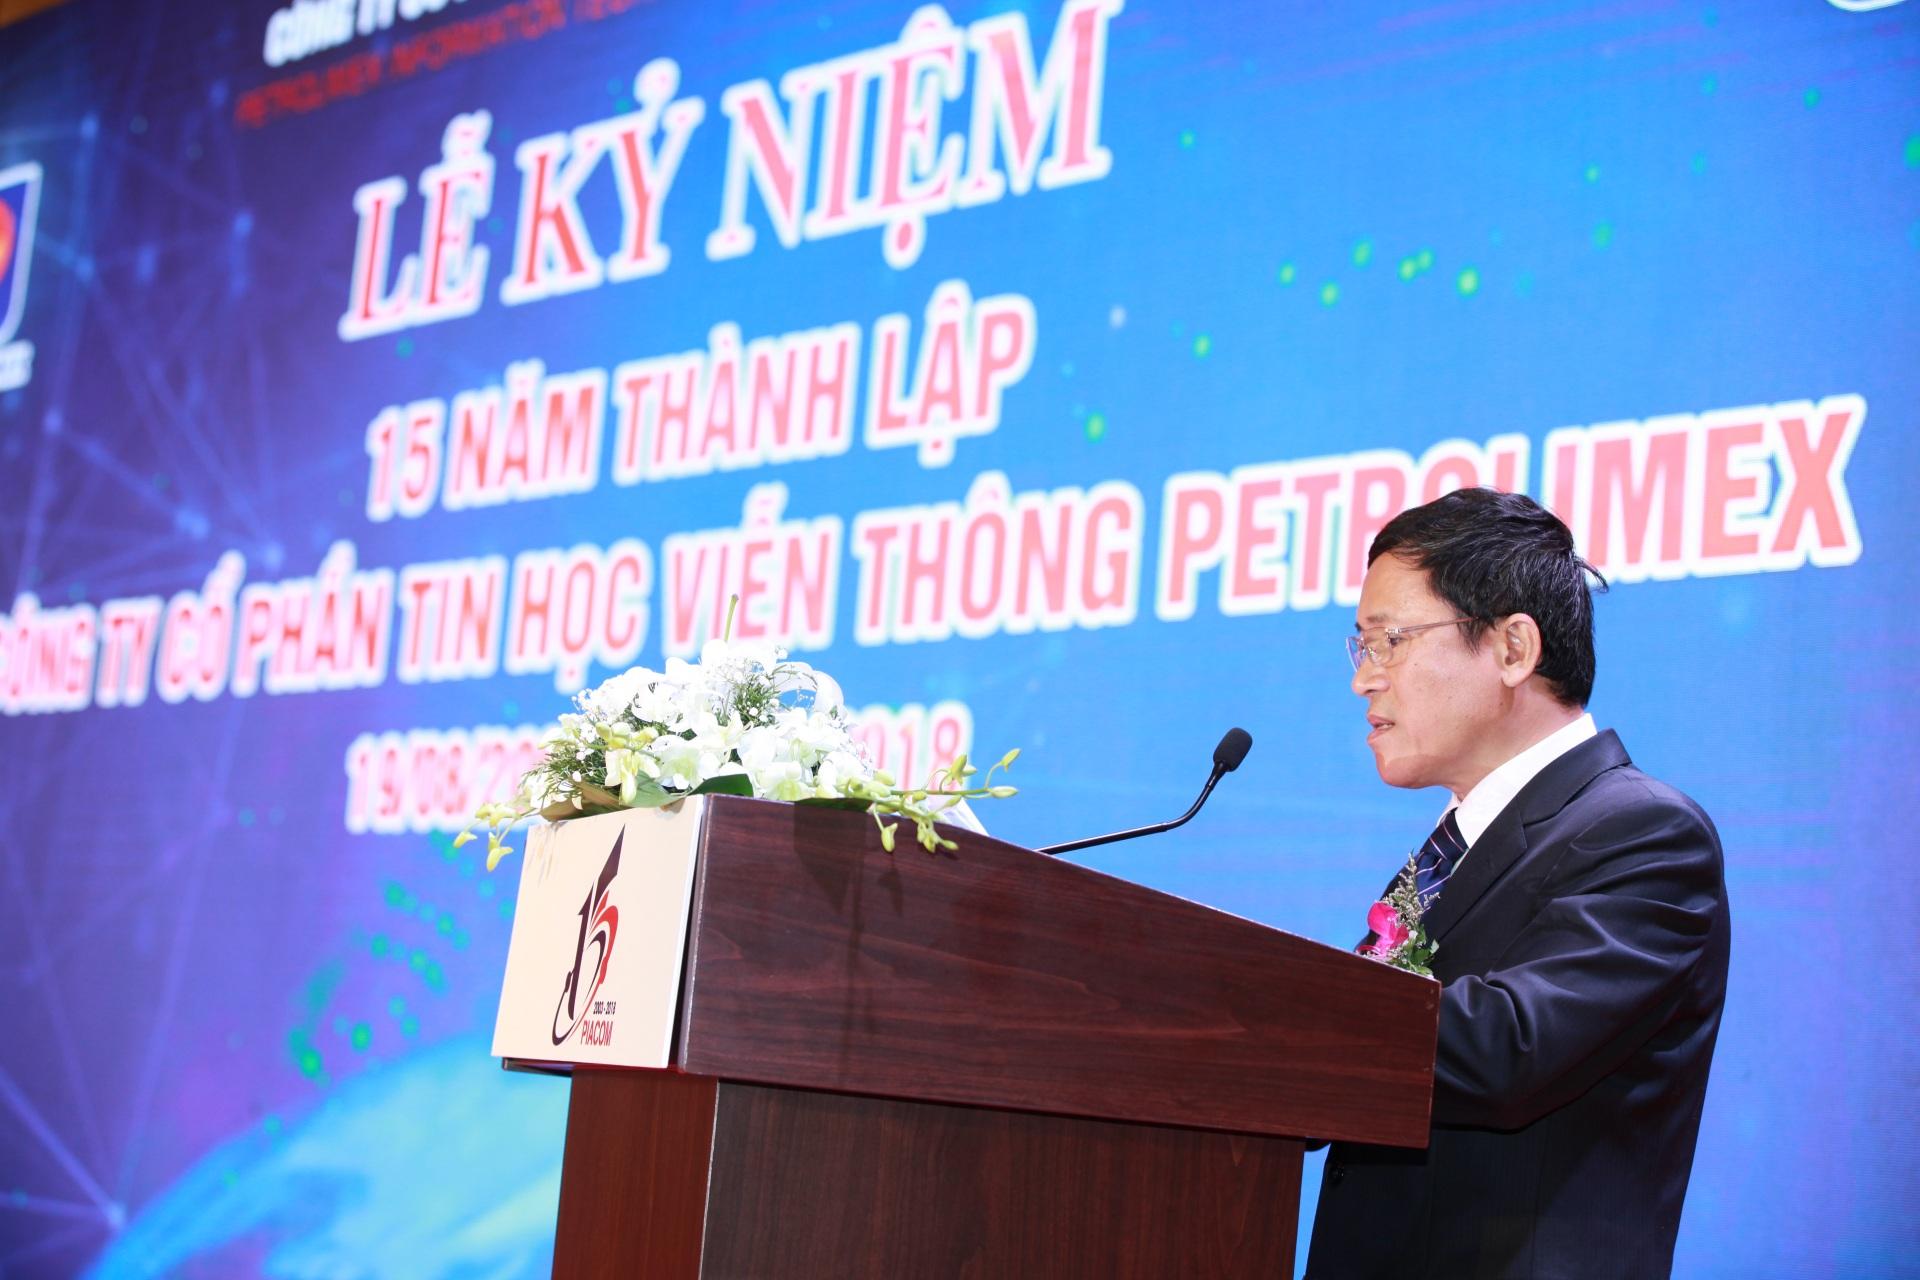 Giấm đốc PIACOM Phan Thanh Sơn có đôi lời phát biểu